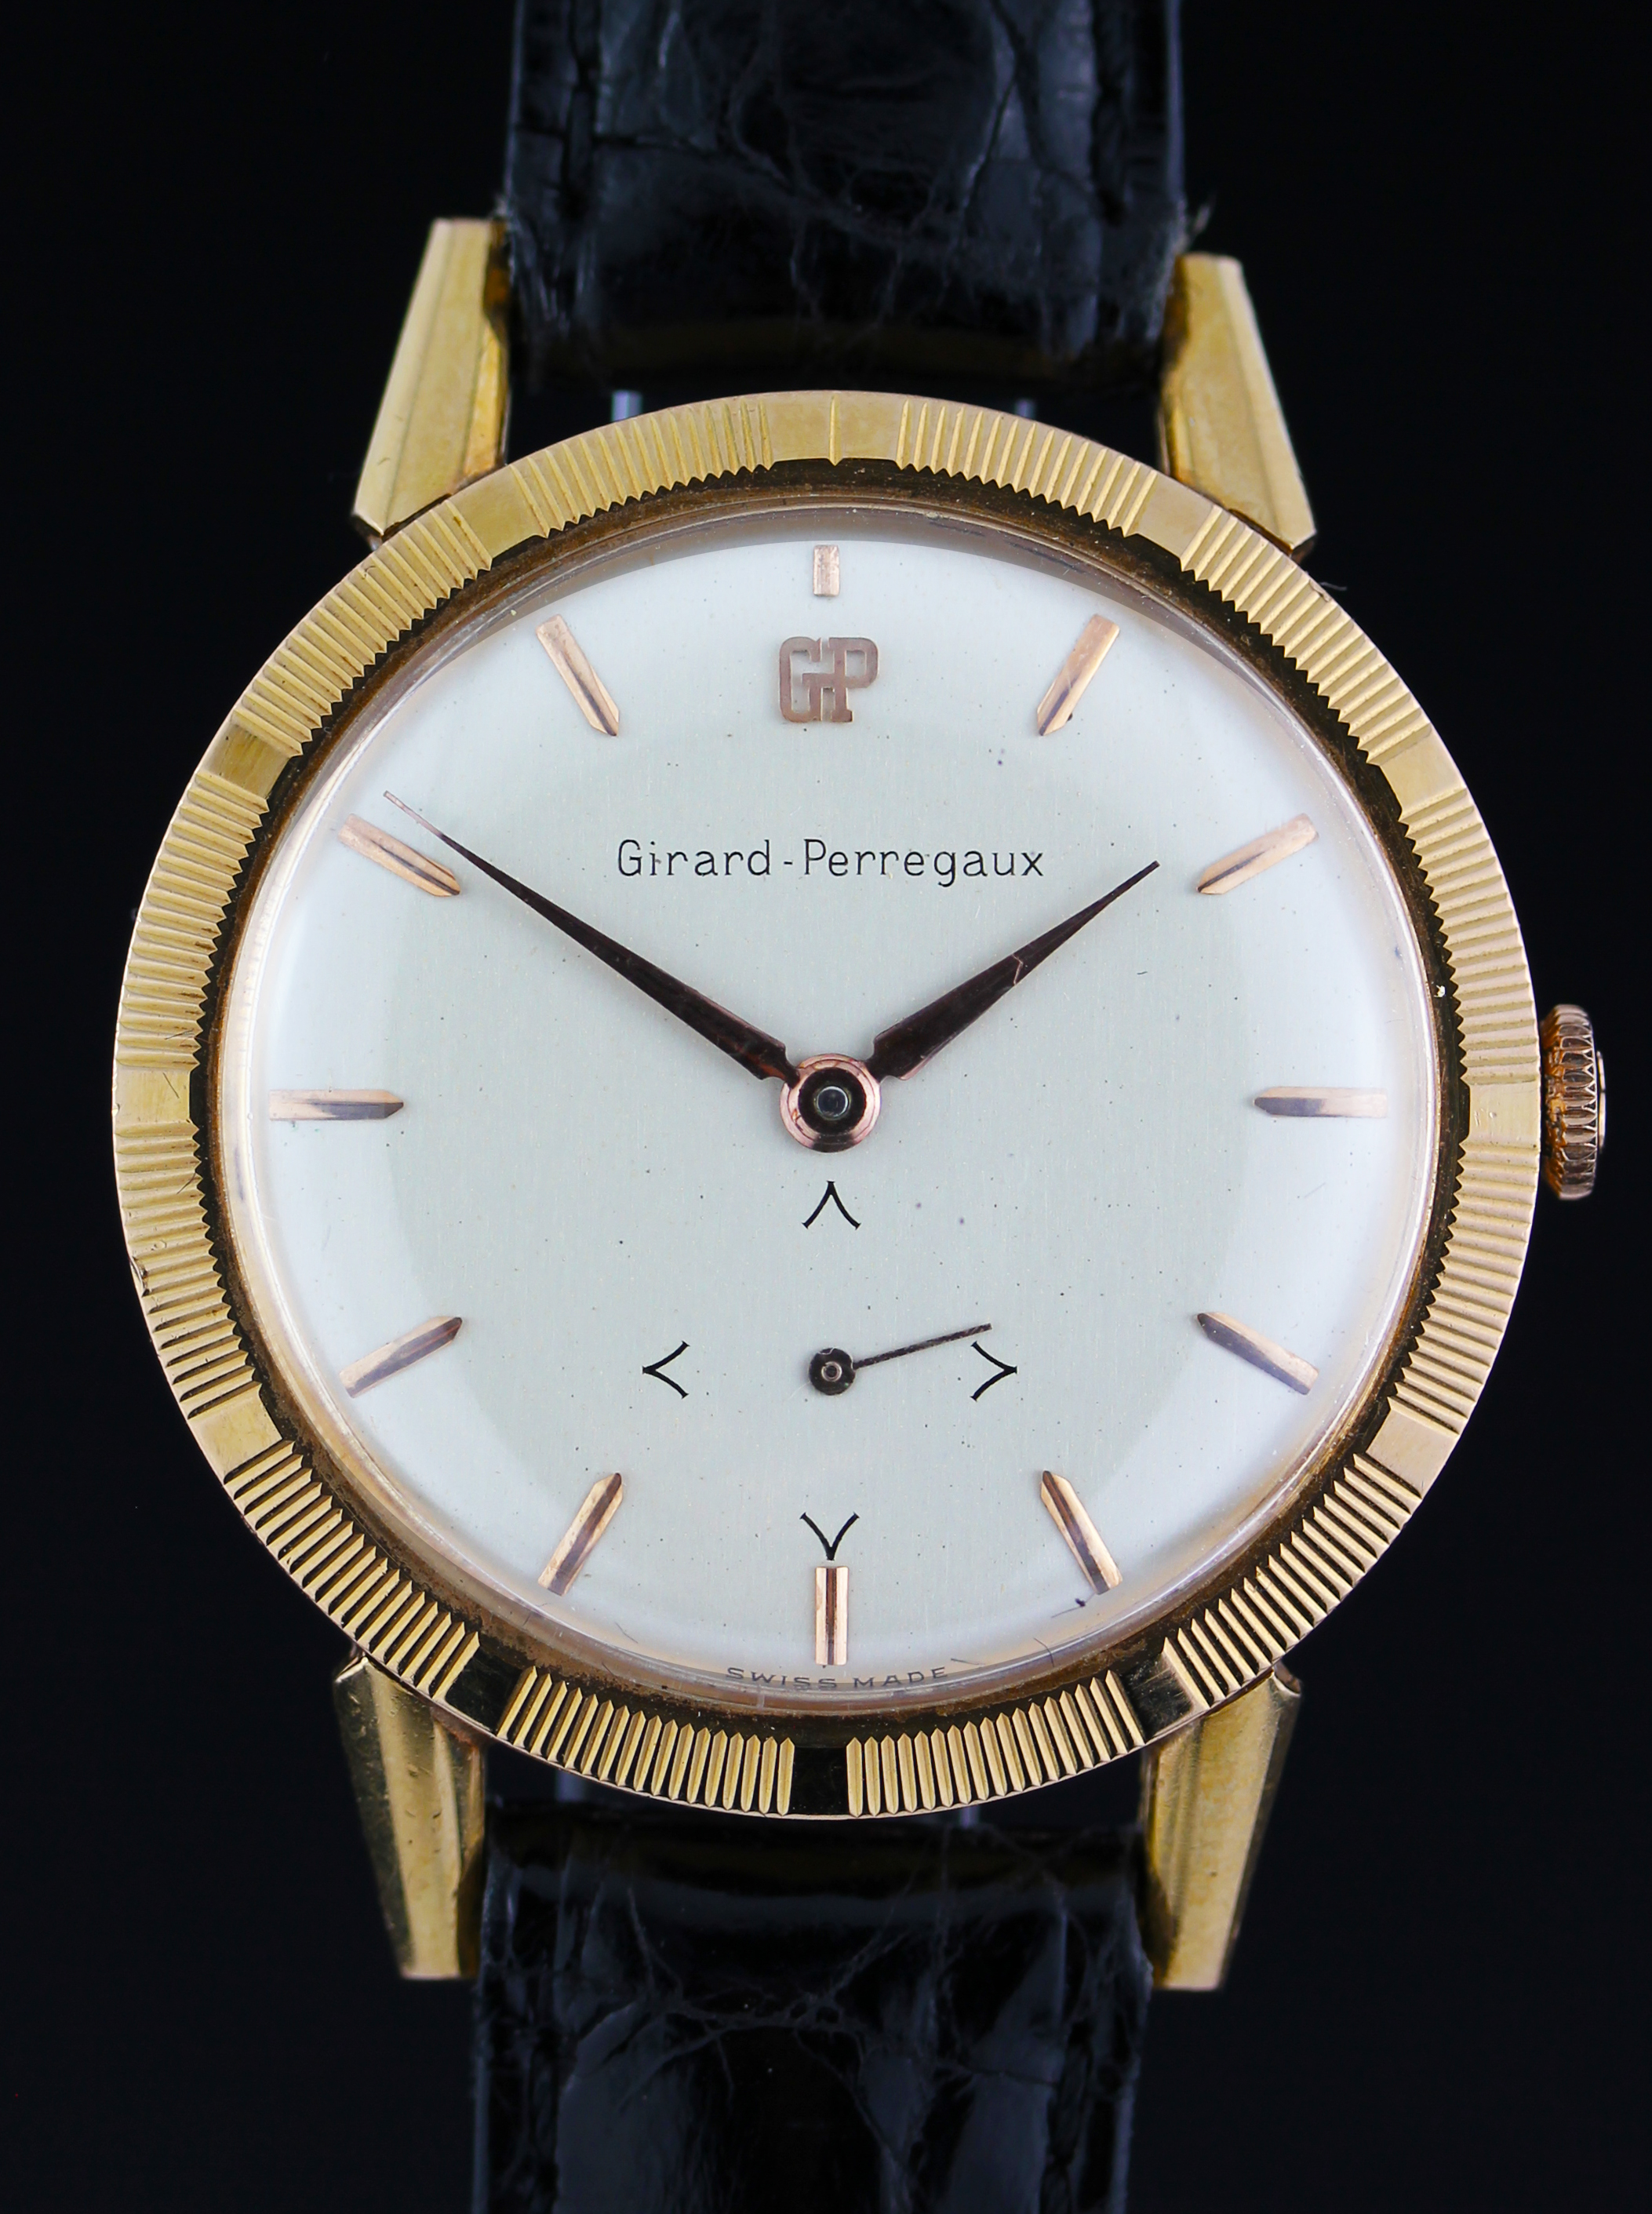 Girard Perregaux in gold